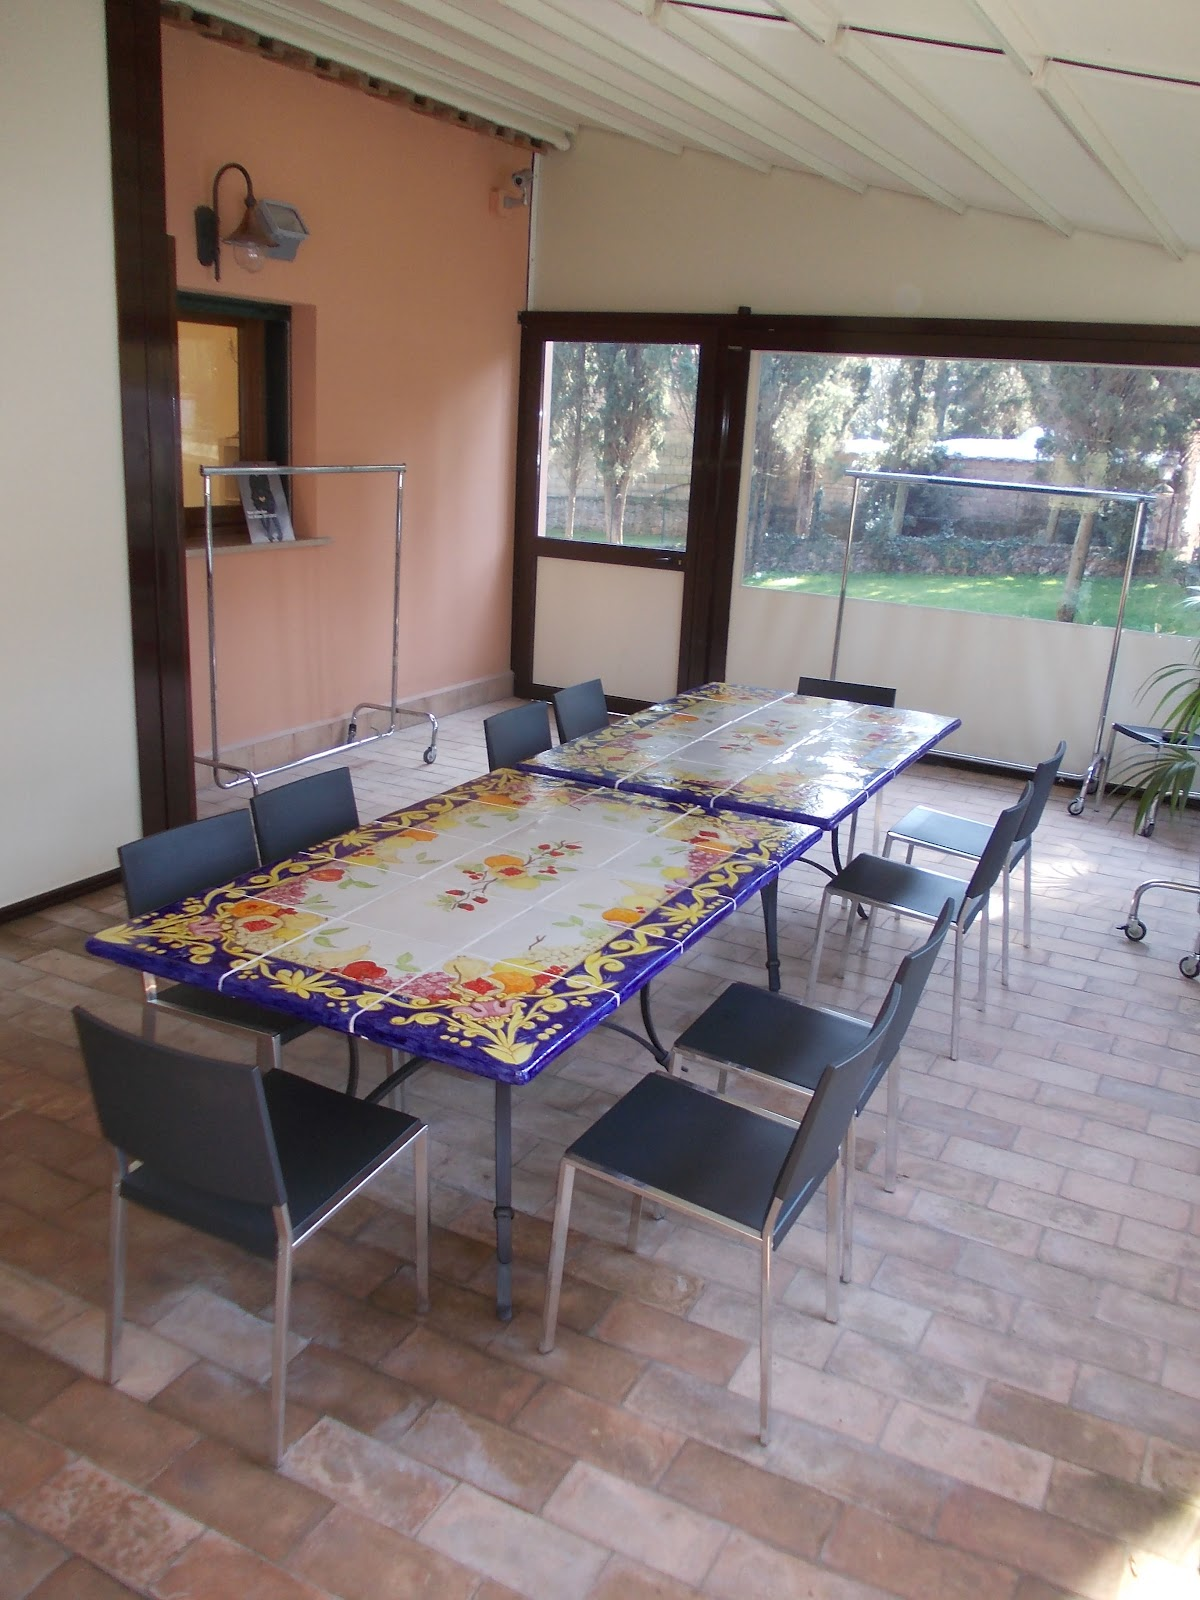 Vico condotti tavoli da interno e da giardino in ceramica for Tavolo giardino